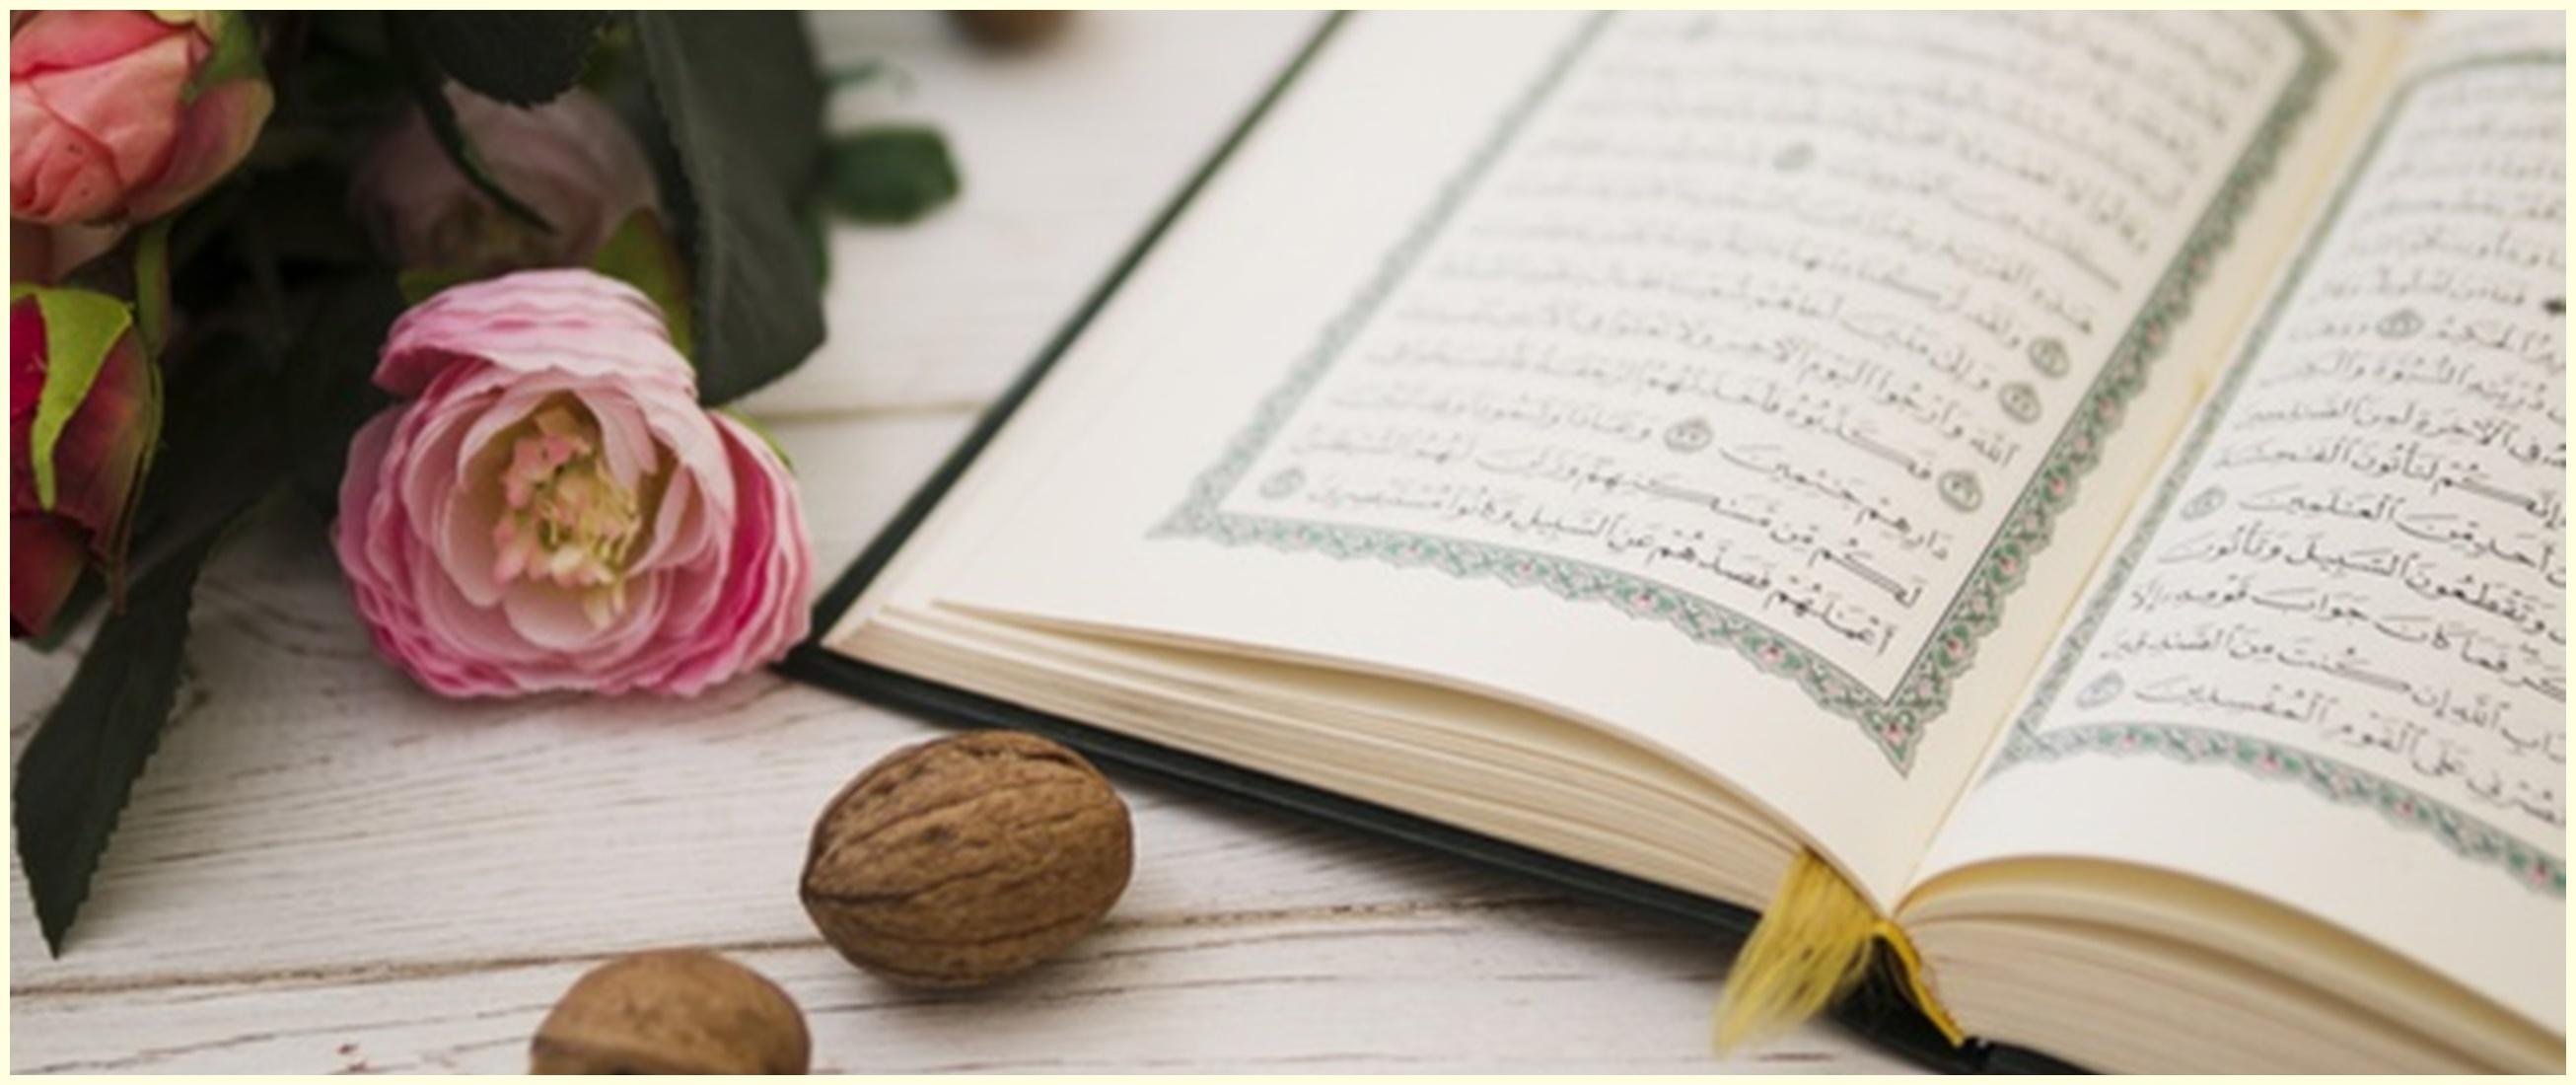 40 Kata-kata bijak Nabi Muhammad, penuh makna dan menginspirasi